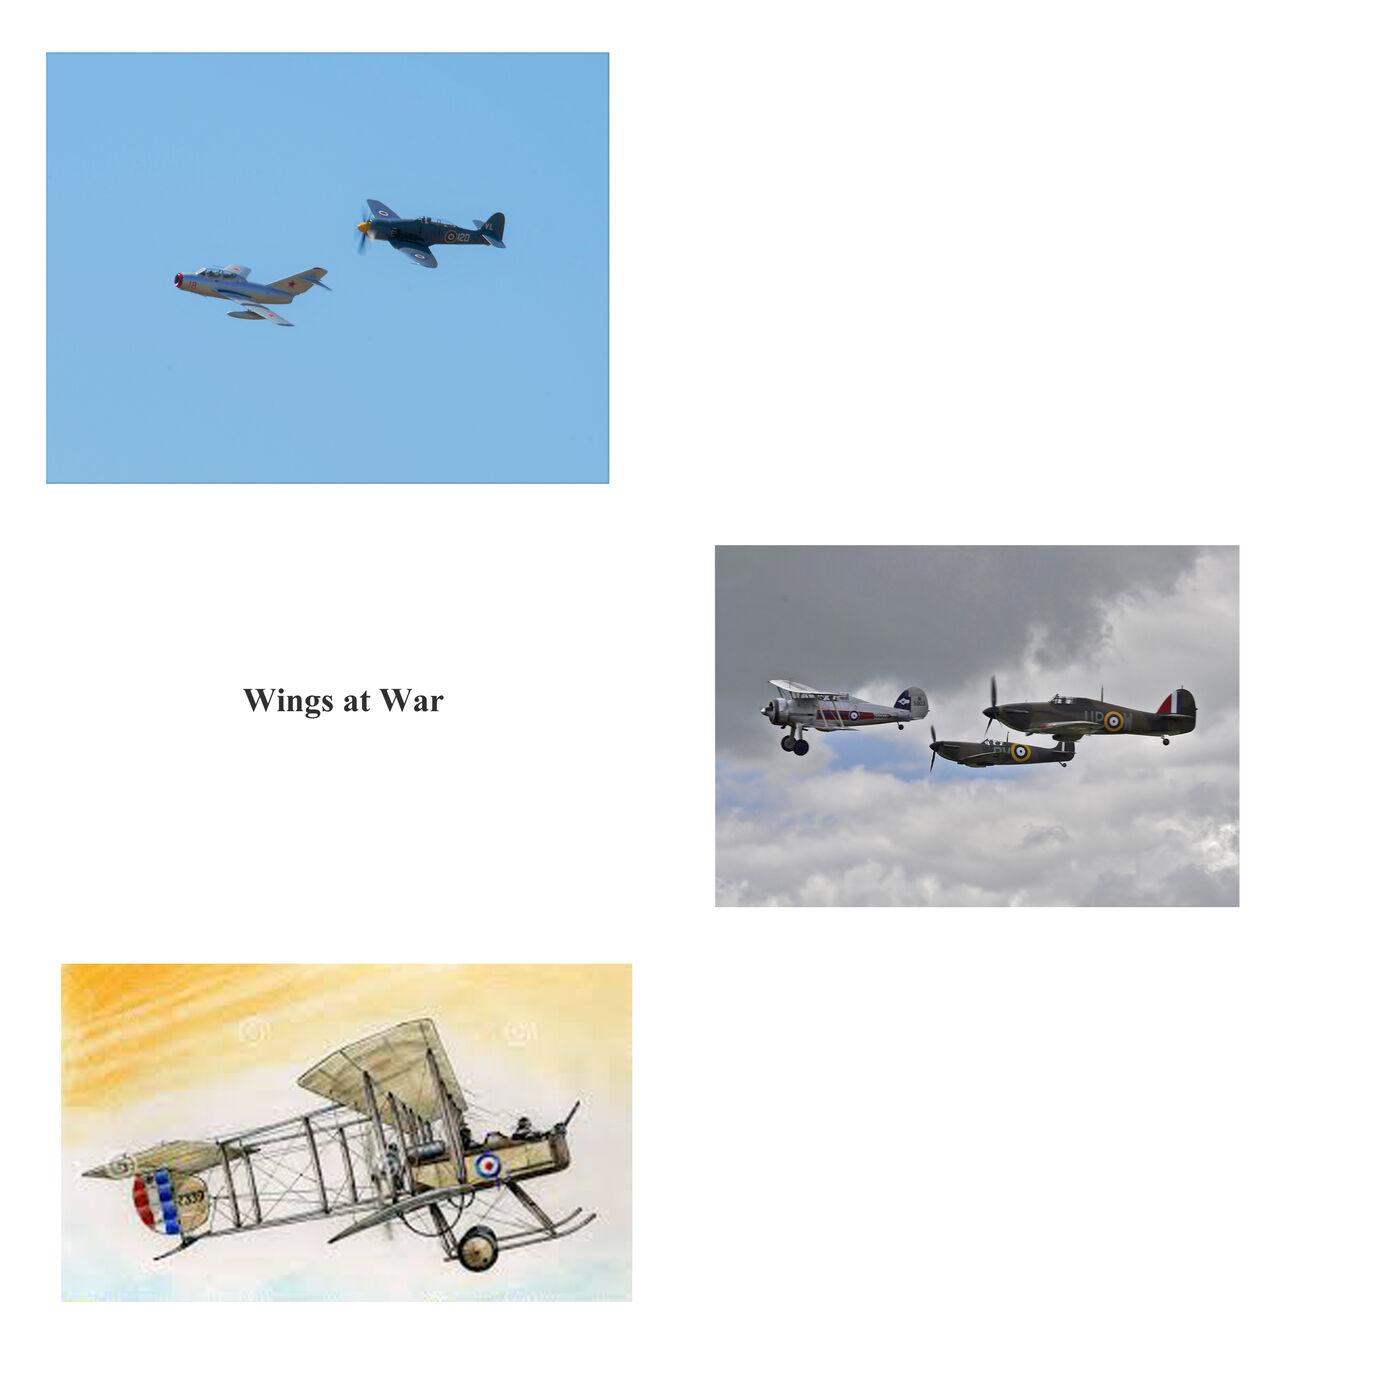 Wings at War